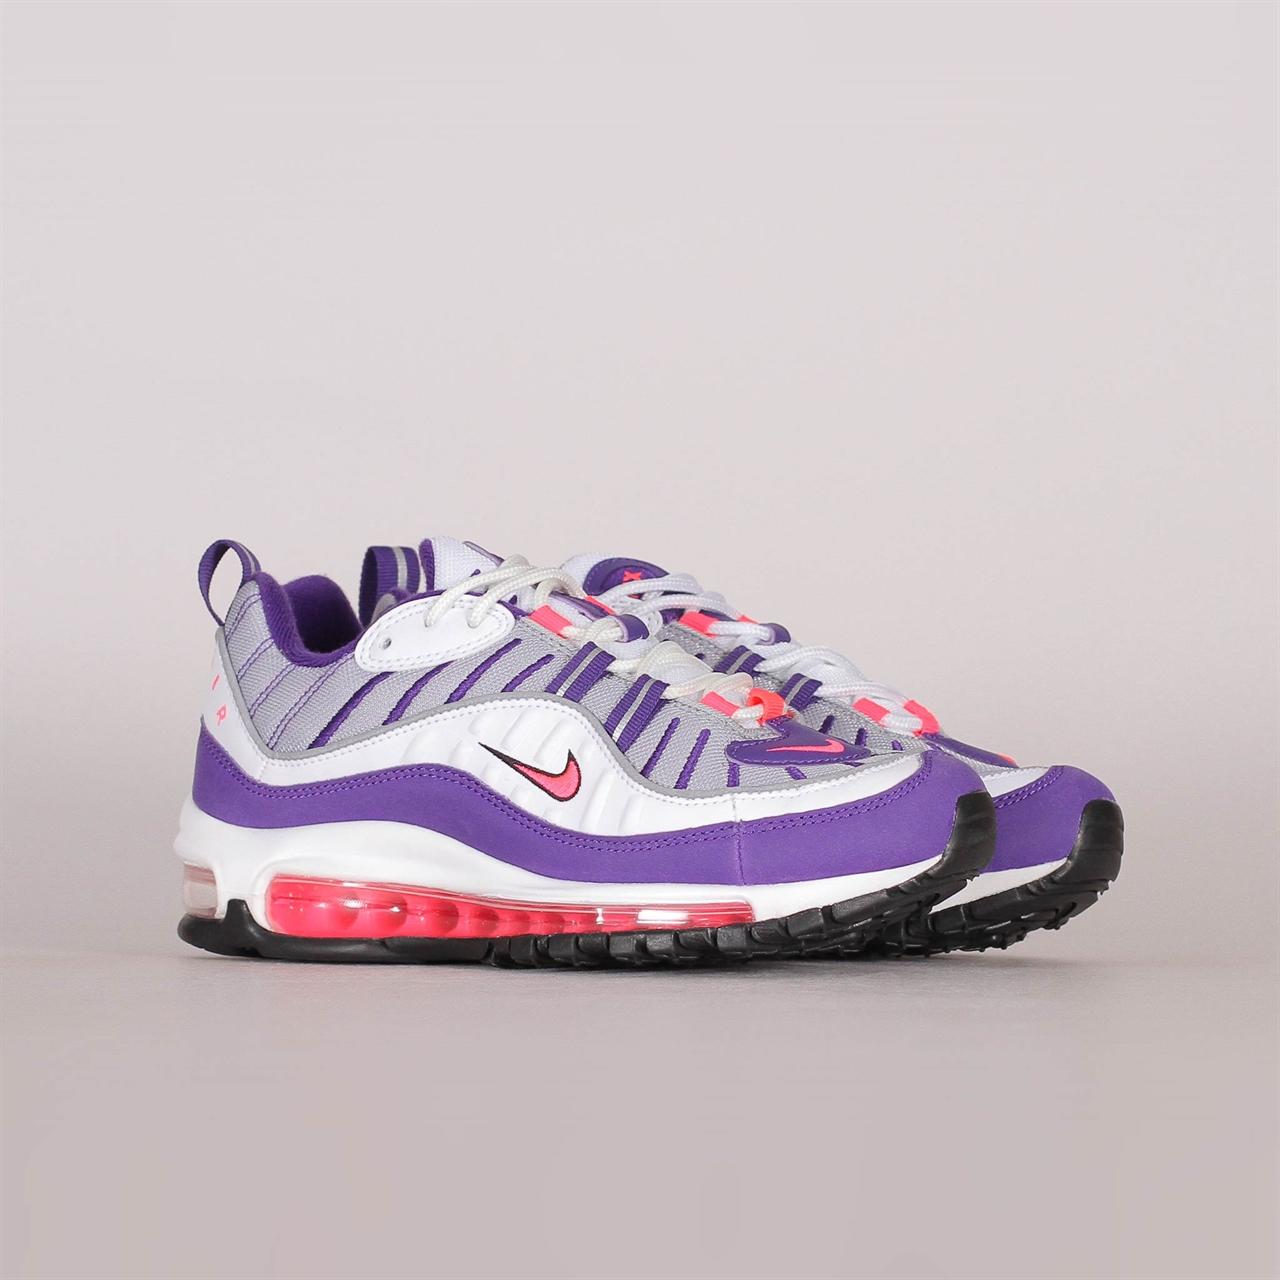 Shelta Nike Womens Air Max 98 Ah6799 110